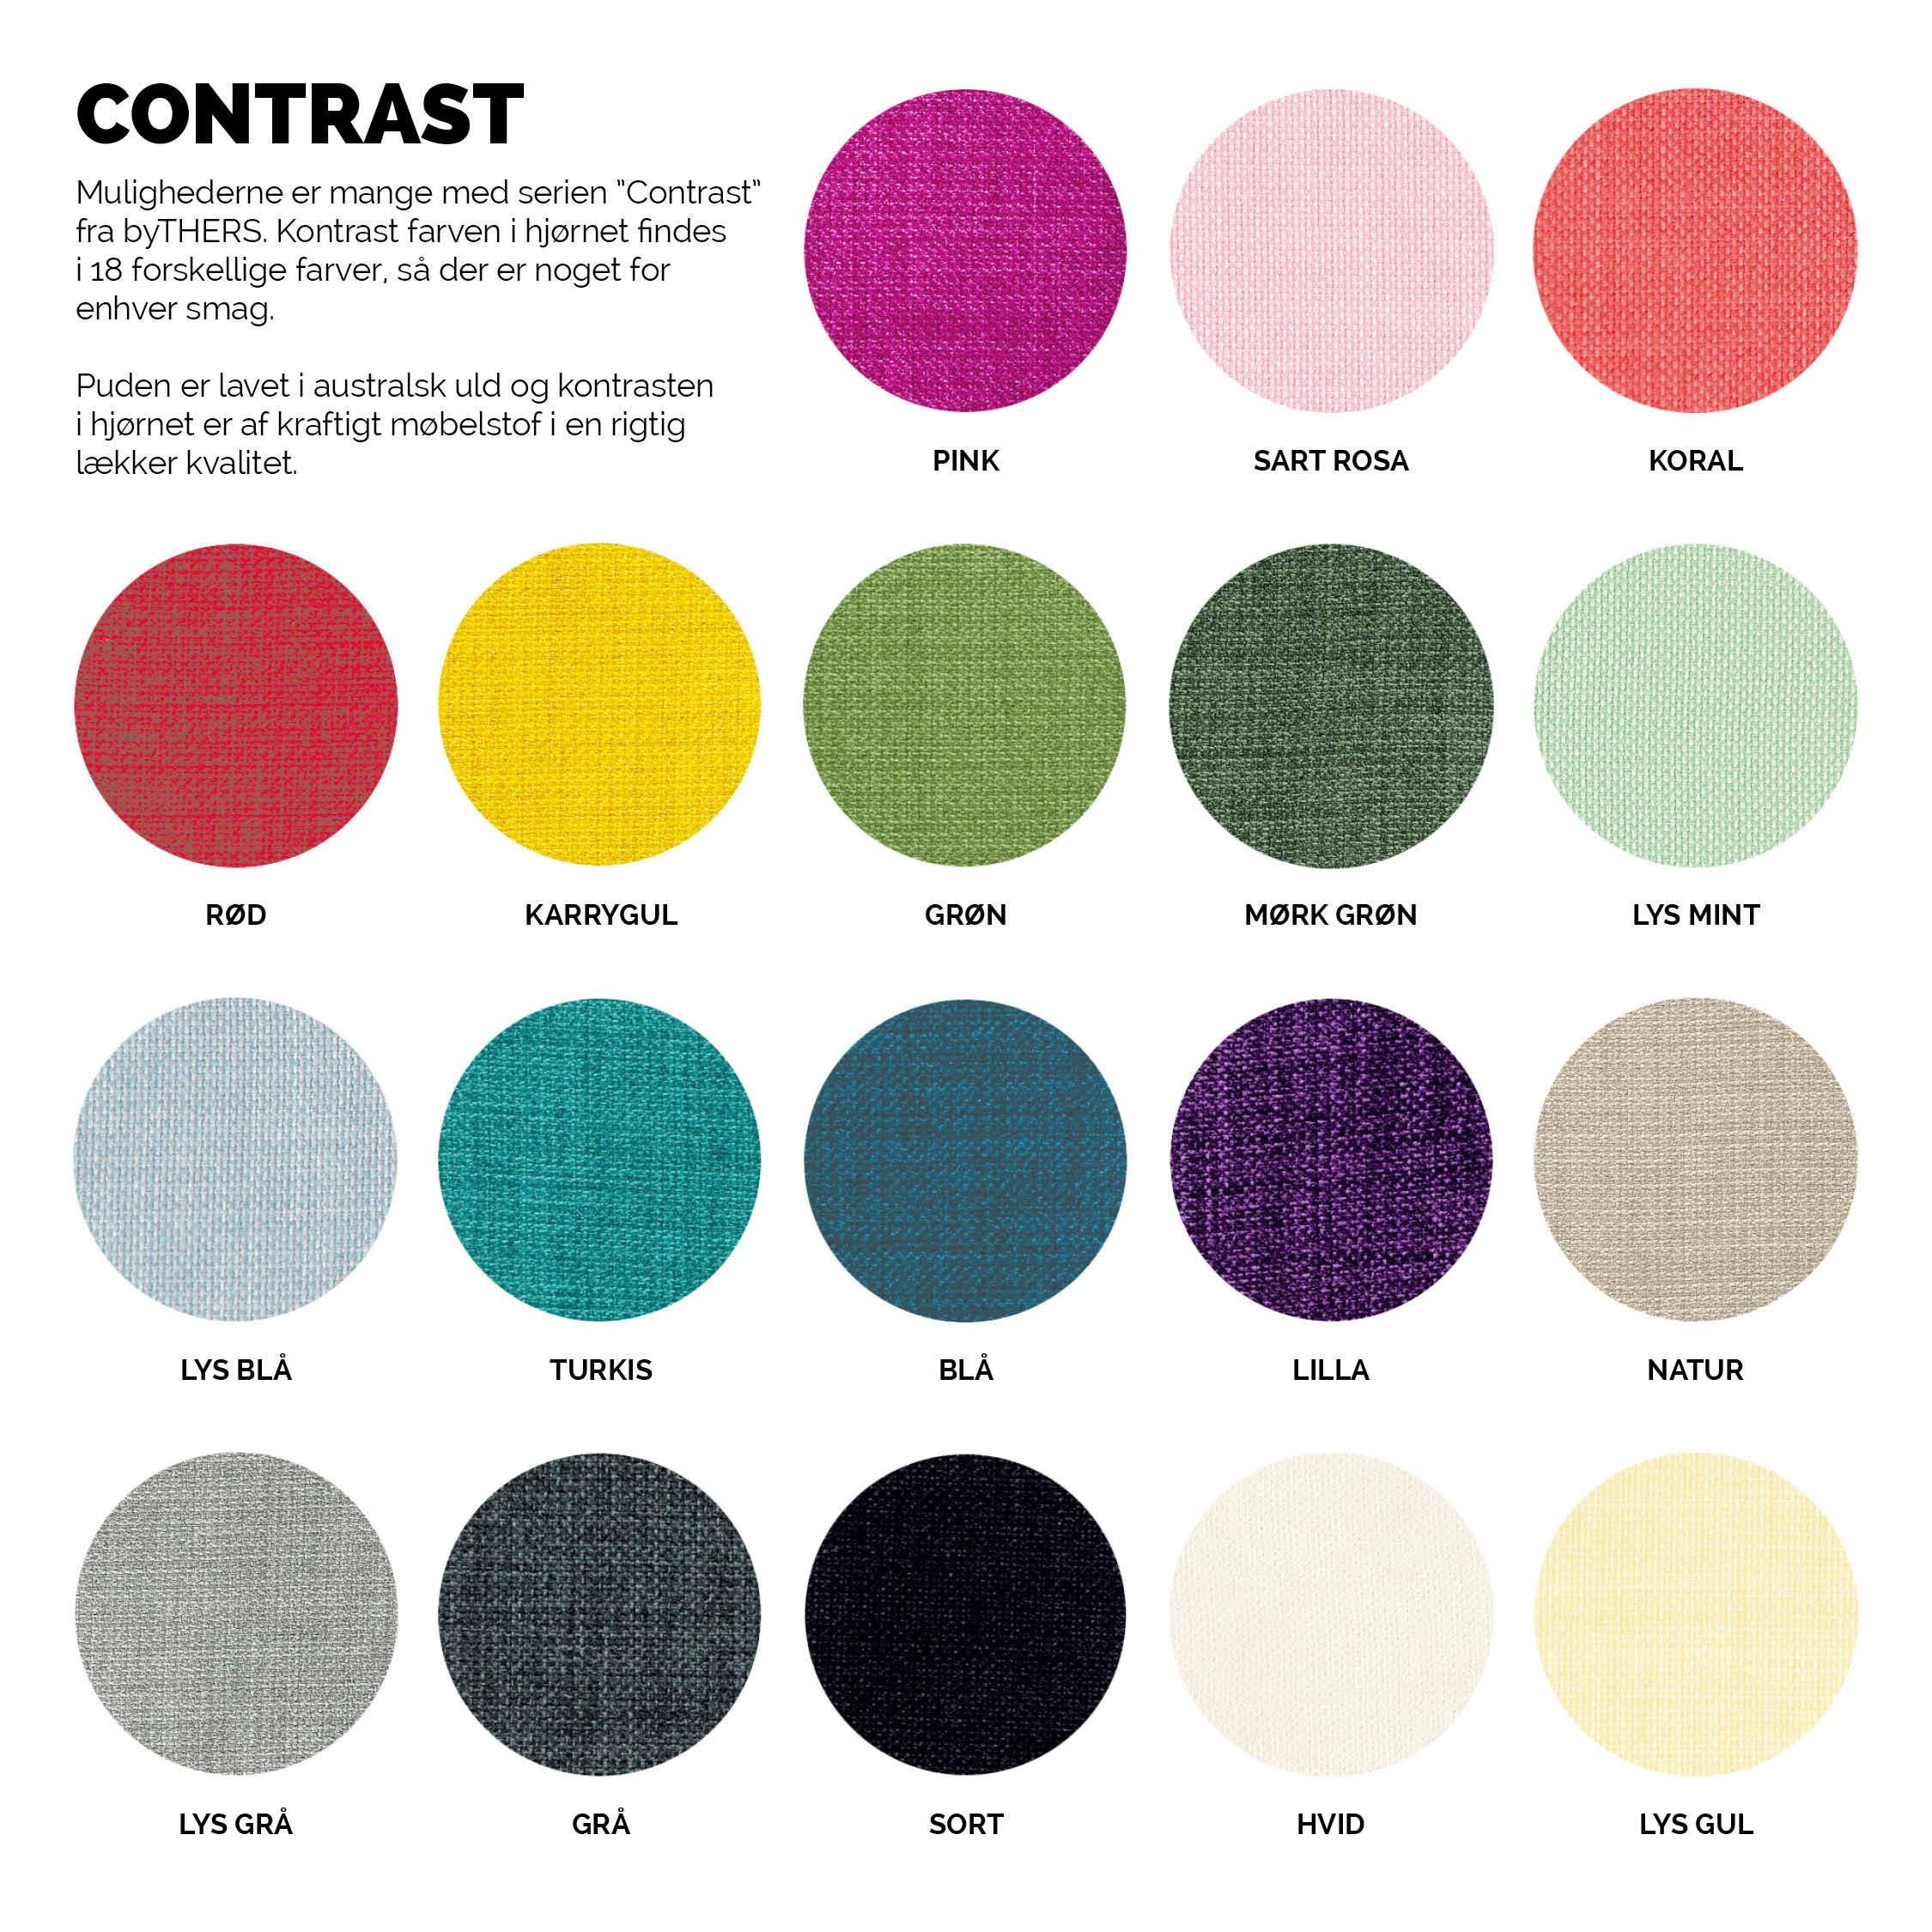 Kontrast farver